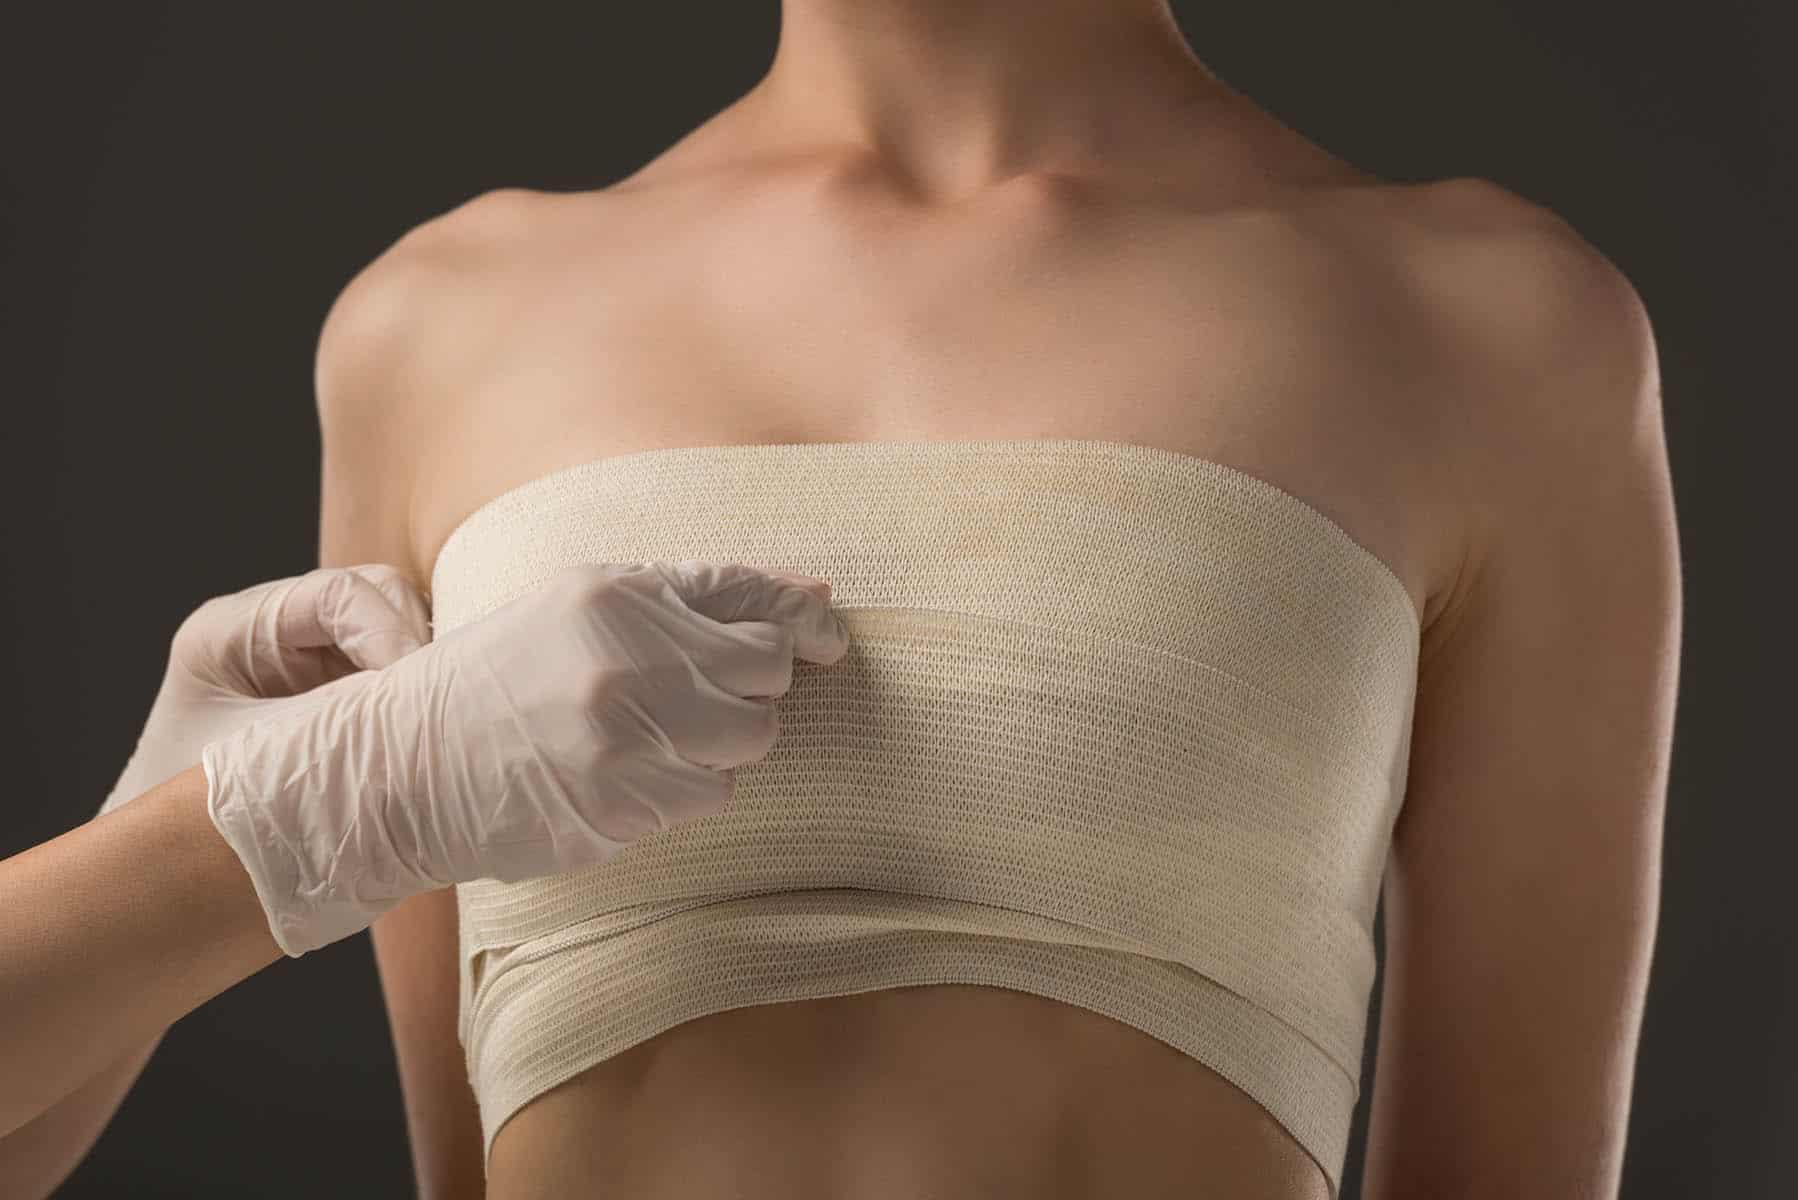 Retirada de silicone das mamas